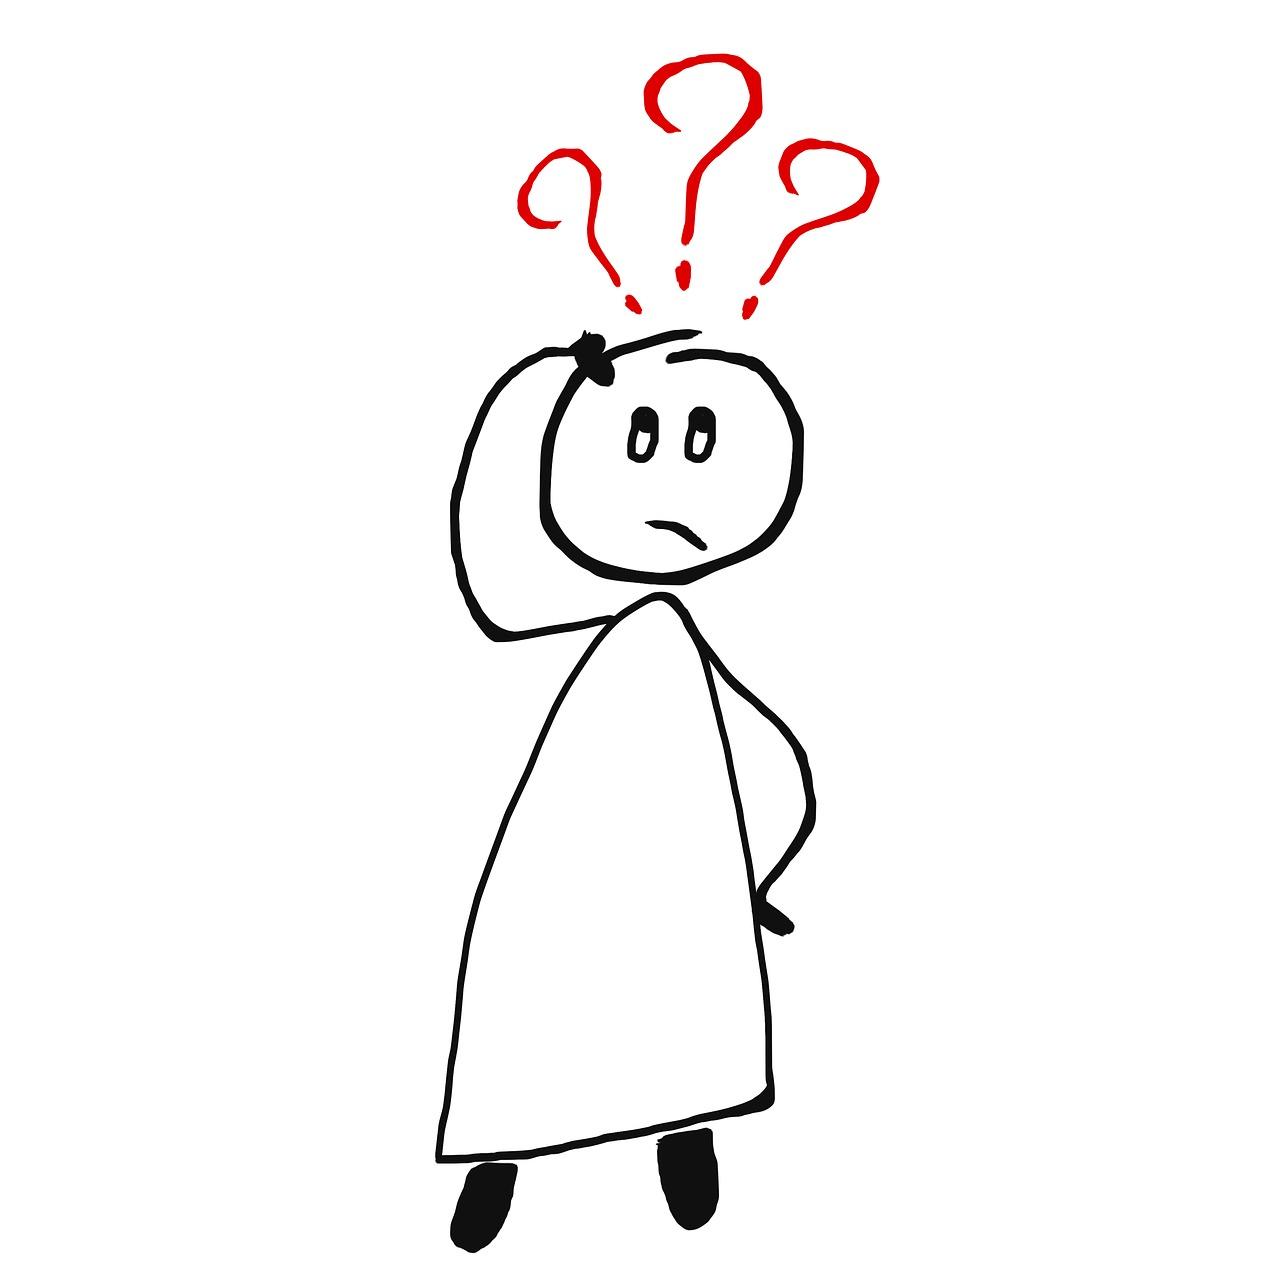 Strichmännchen mit Fragezeichen